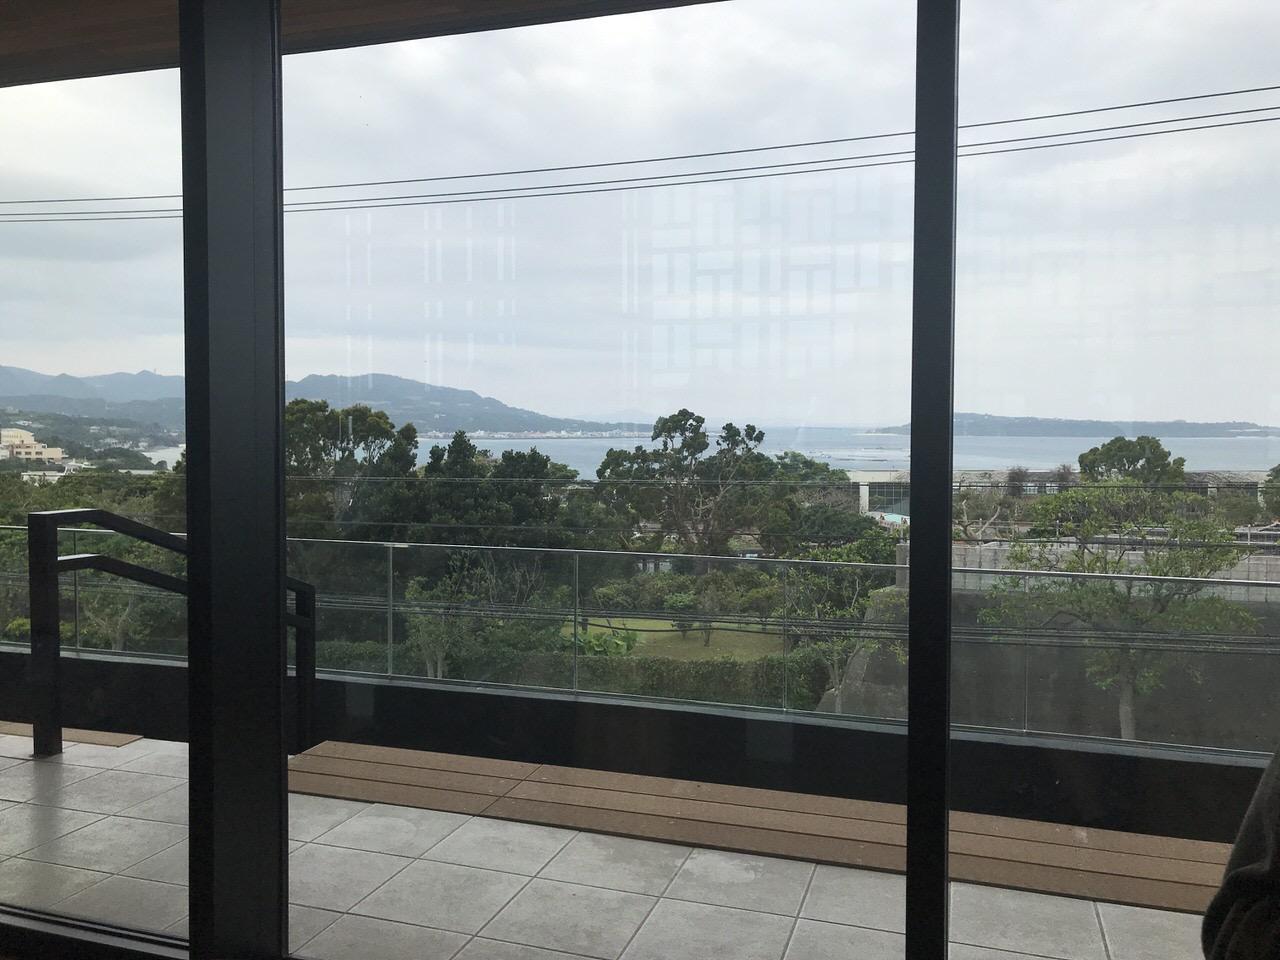 スターバックス 沖縄本部町店 2階